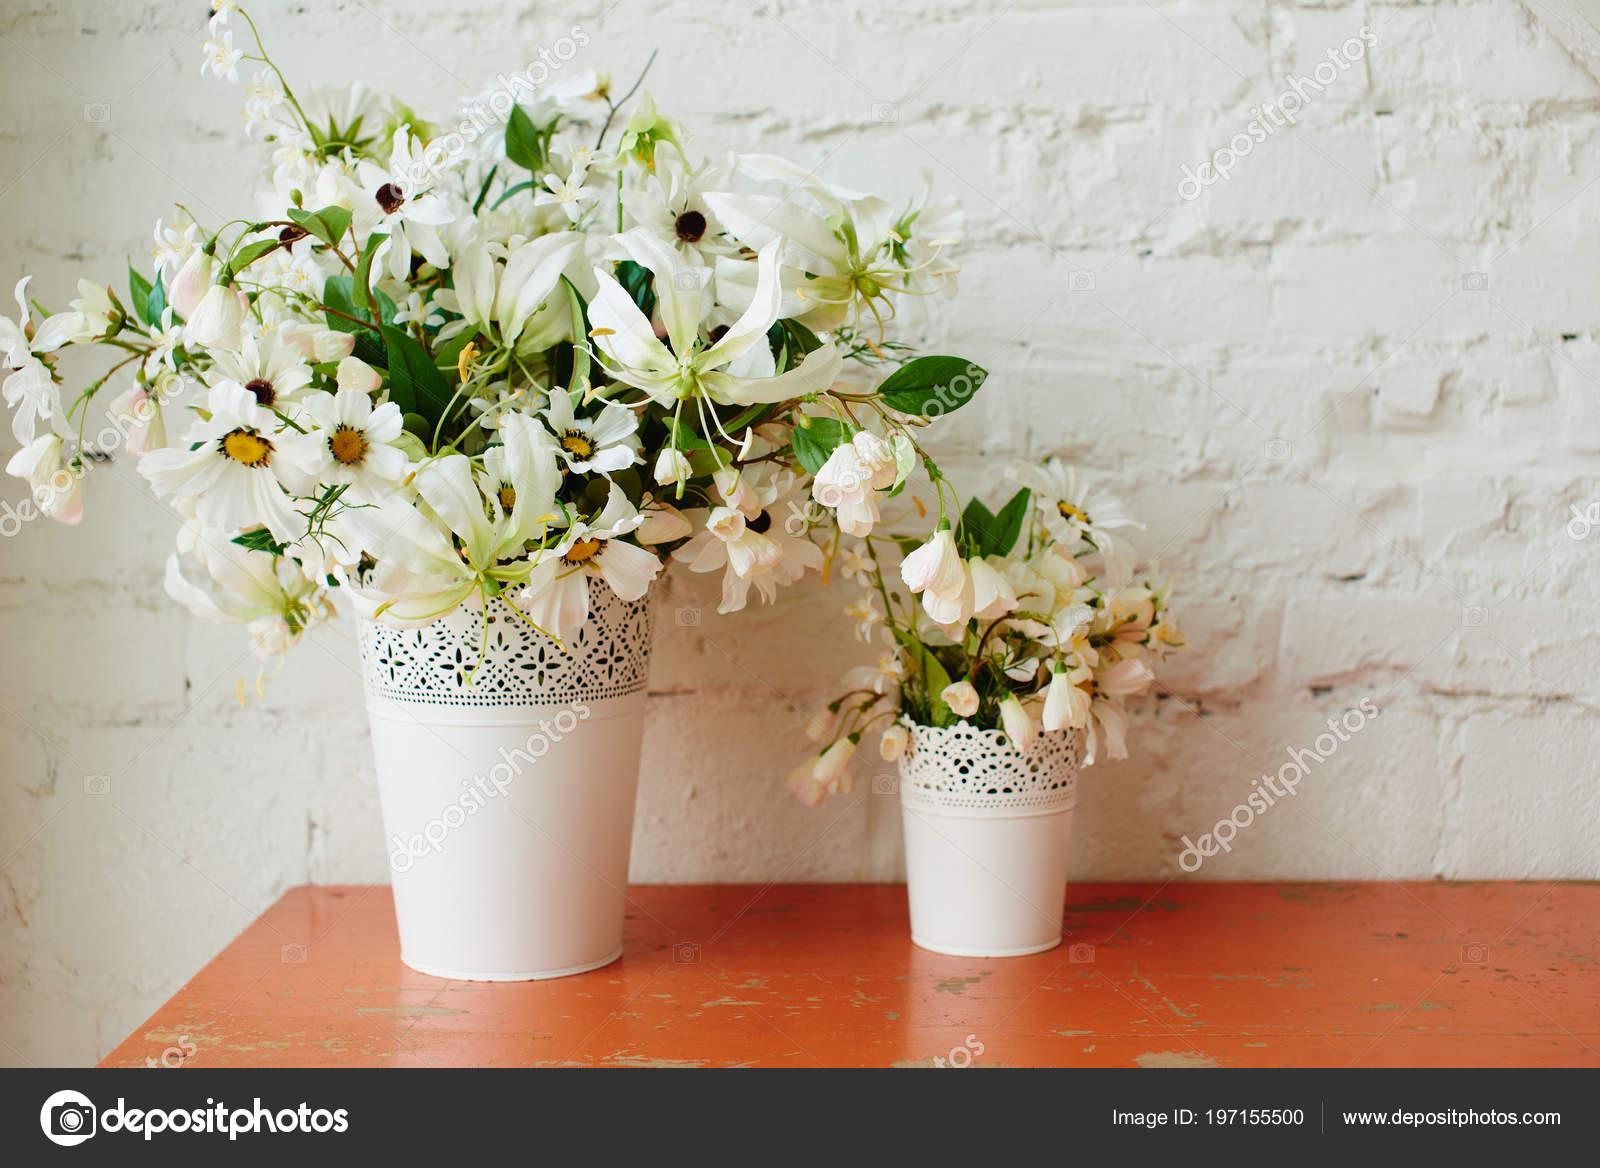 Schone Weisse Blumenstrausse Vasen Auf Holztisch Stockfoto